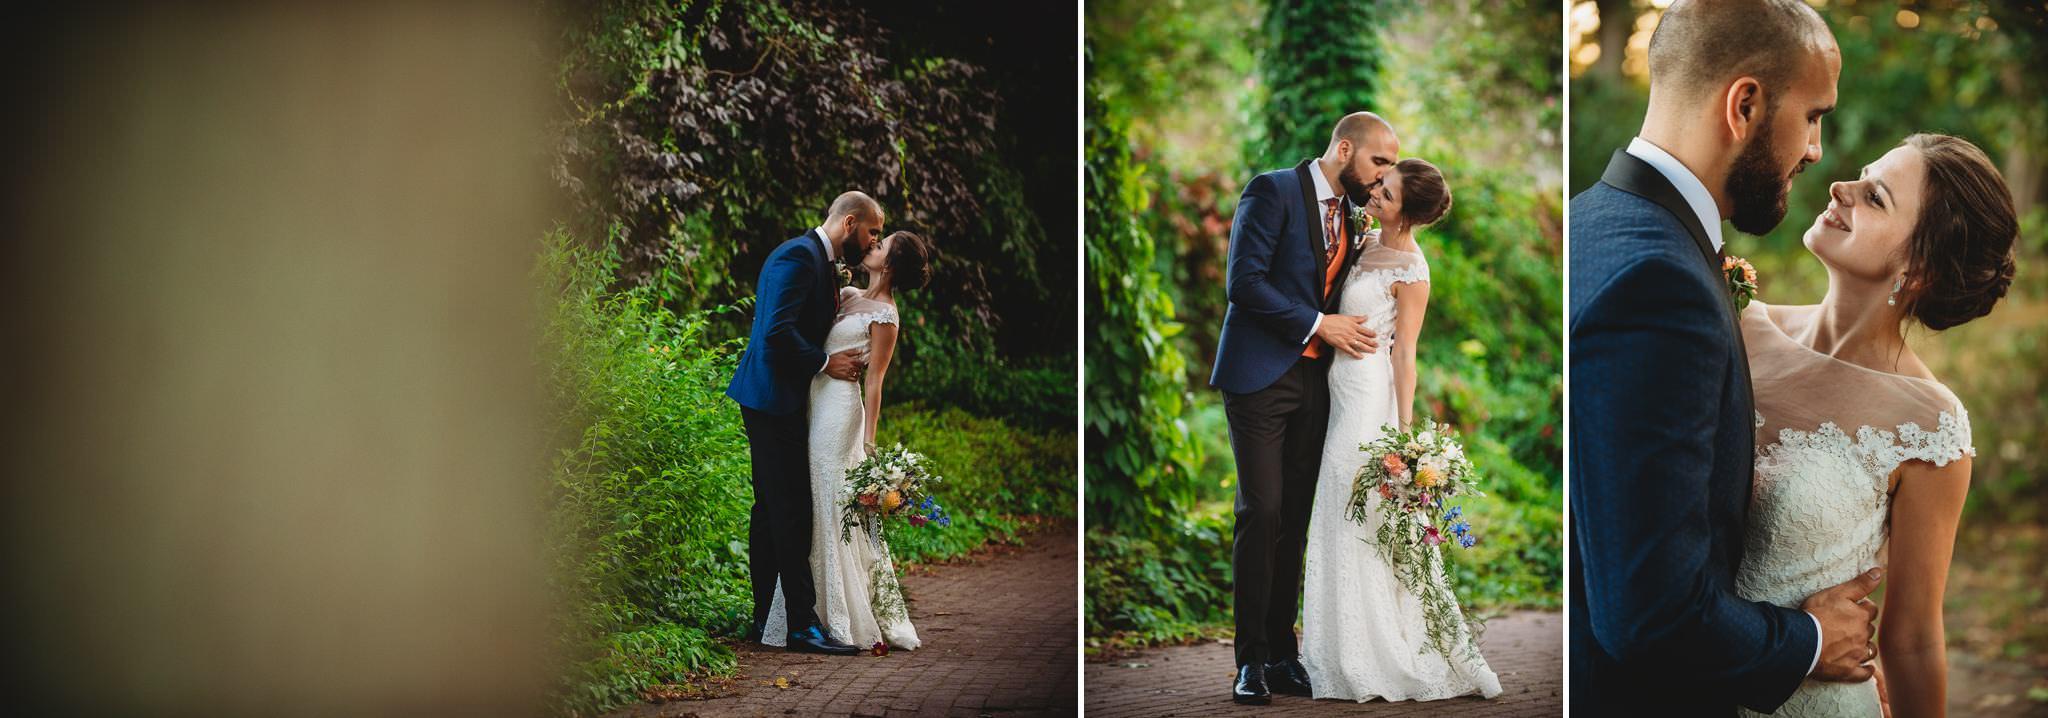 para młoda, sesja ślubna, szybka sesja podczas wesela, radość, emocje, Jarocin, bukiet, wesele polsko-hiszpańskie